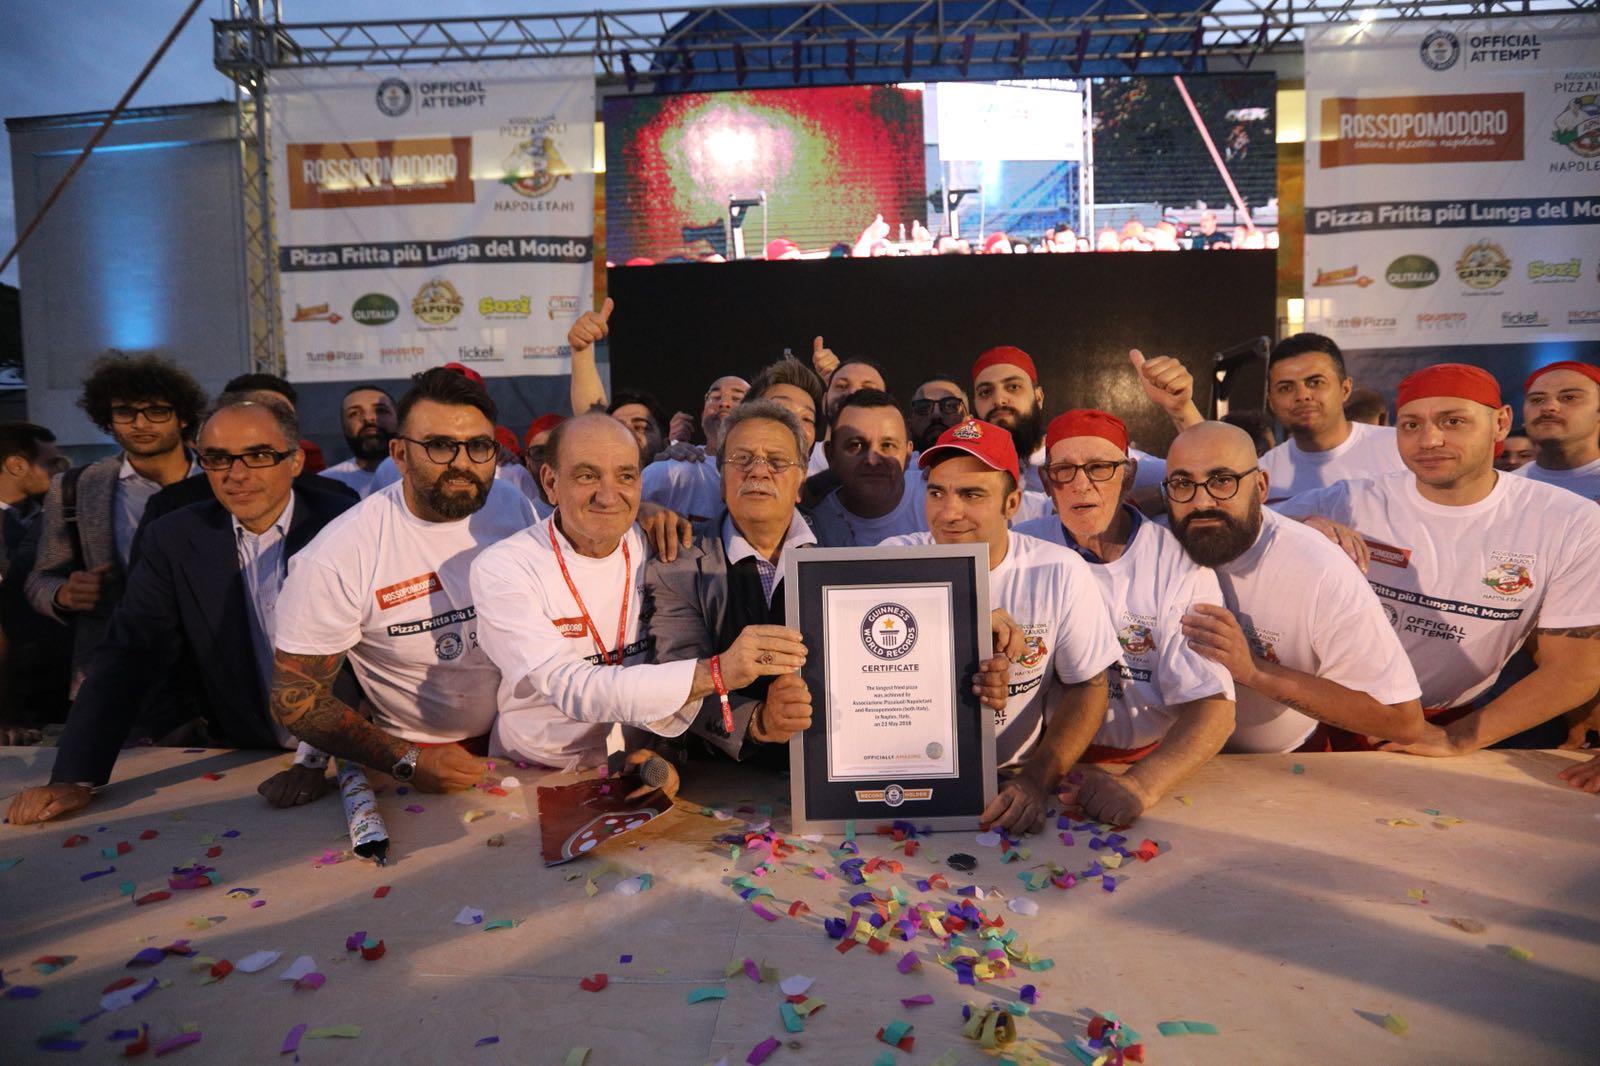 Napoli conquista il Guinness della pizza fritta più lunga del mondo con 715 centimetri